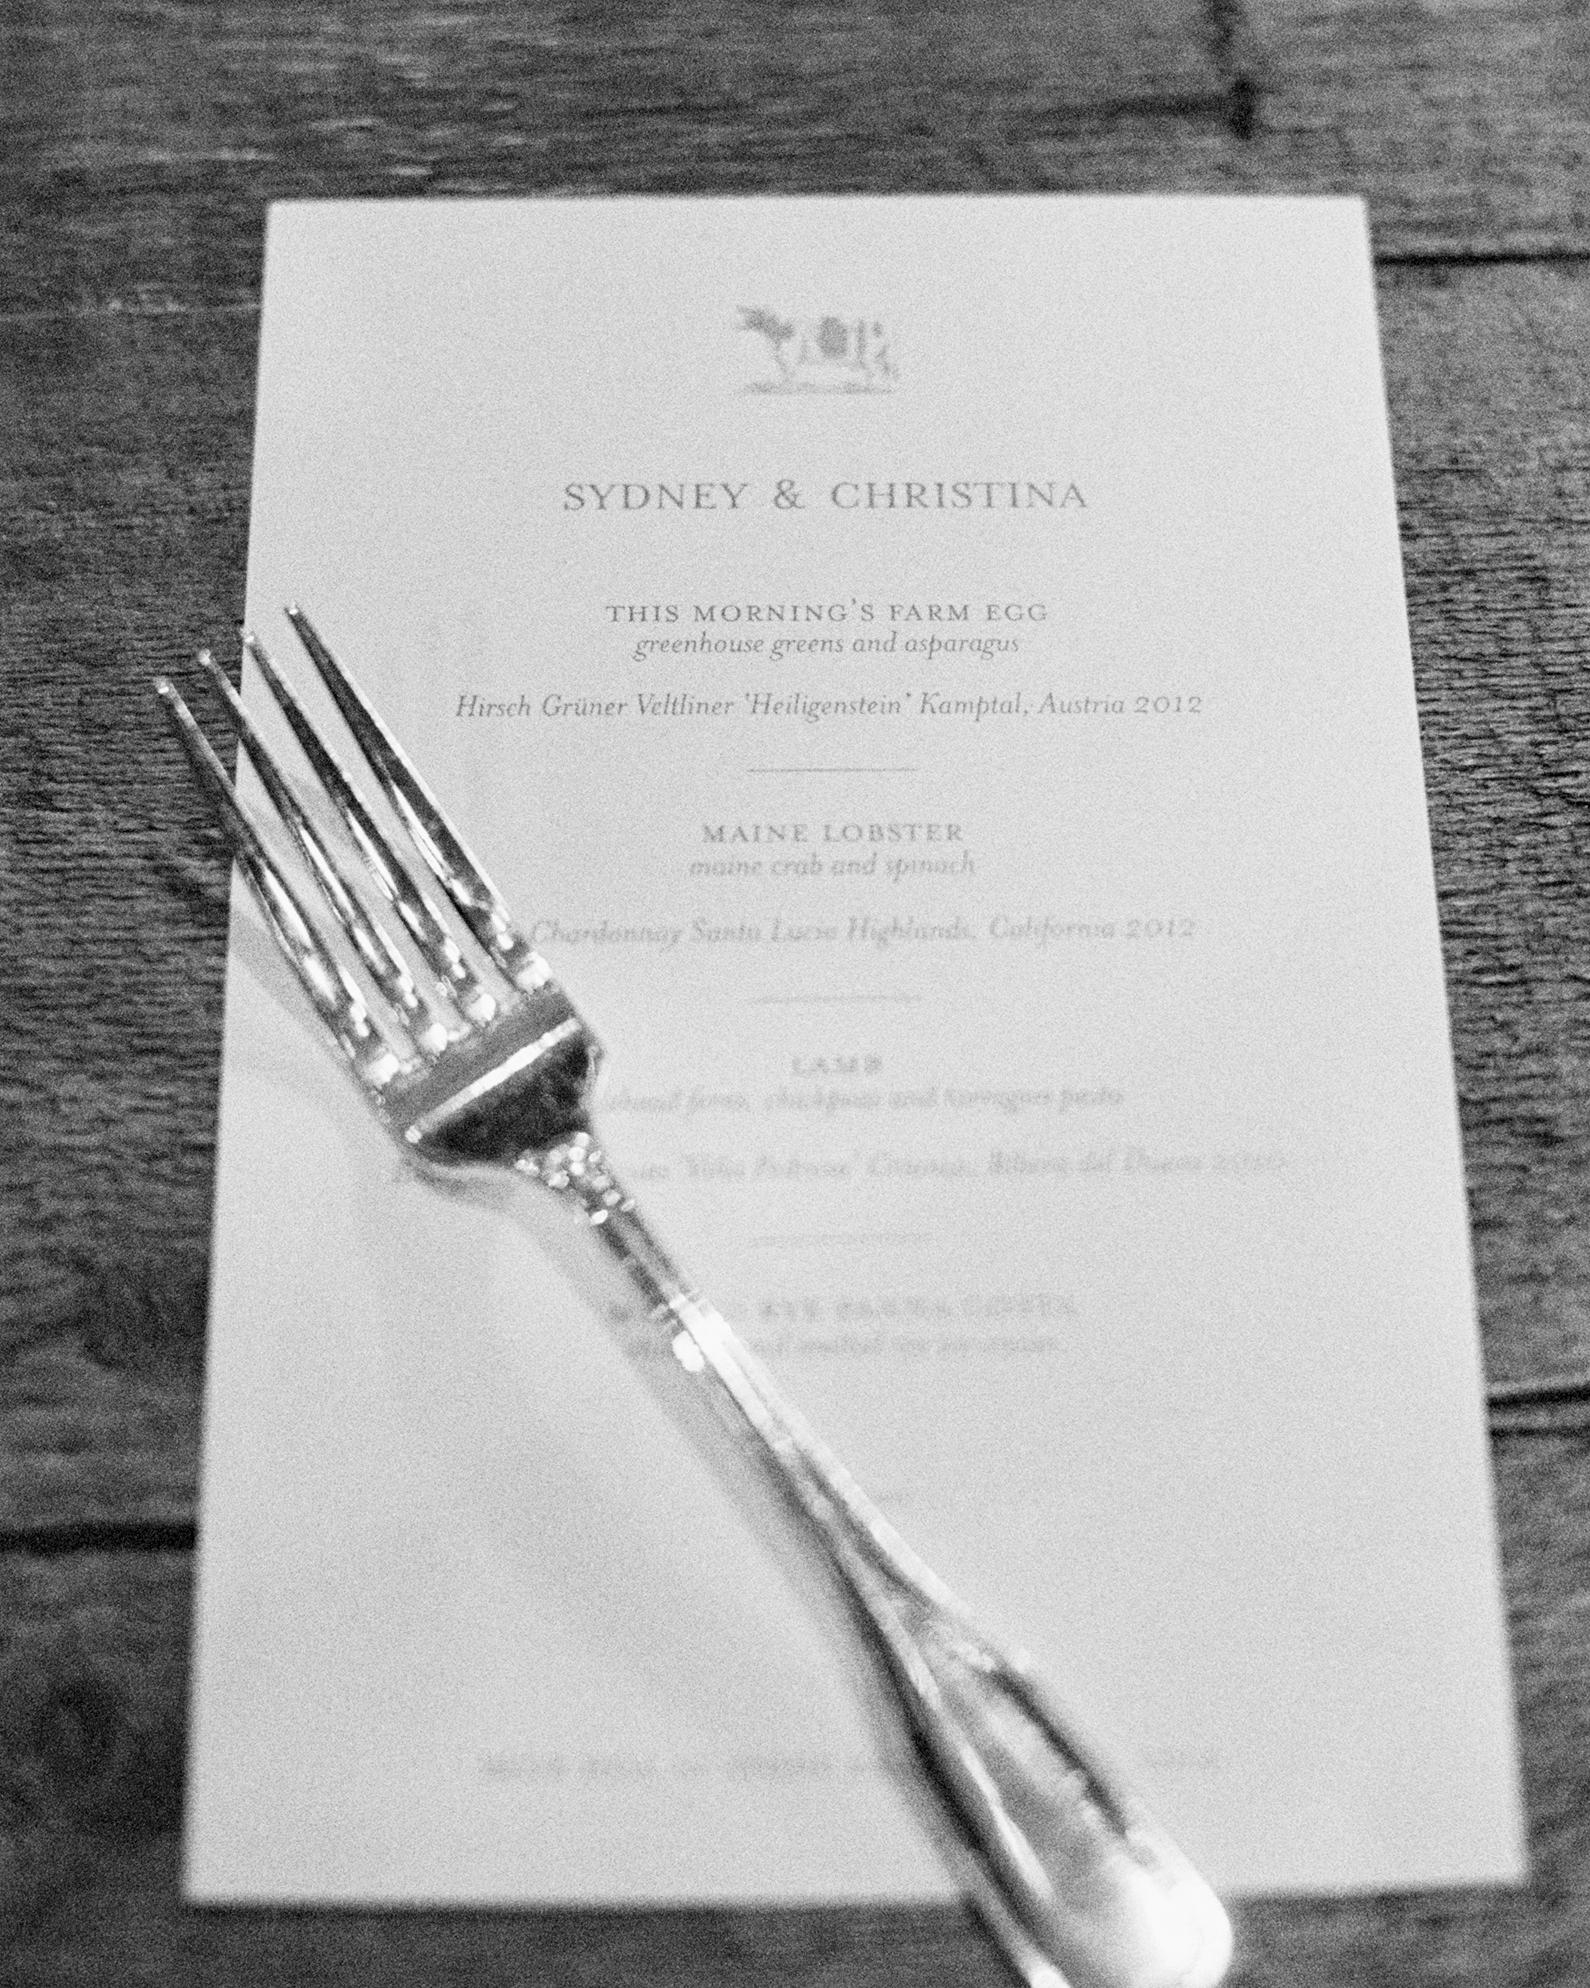 sydney-christina-wedding-menu-118-s111743-0115.jpg